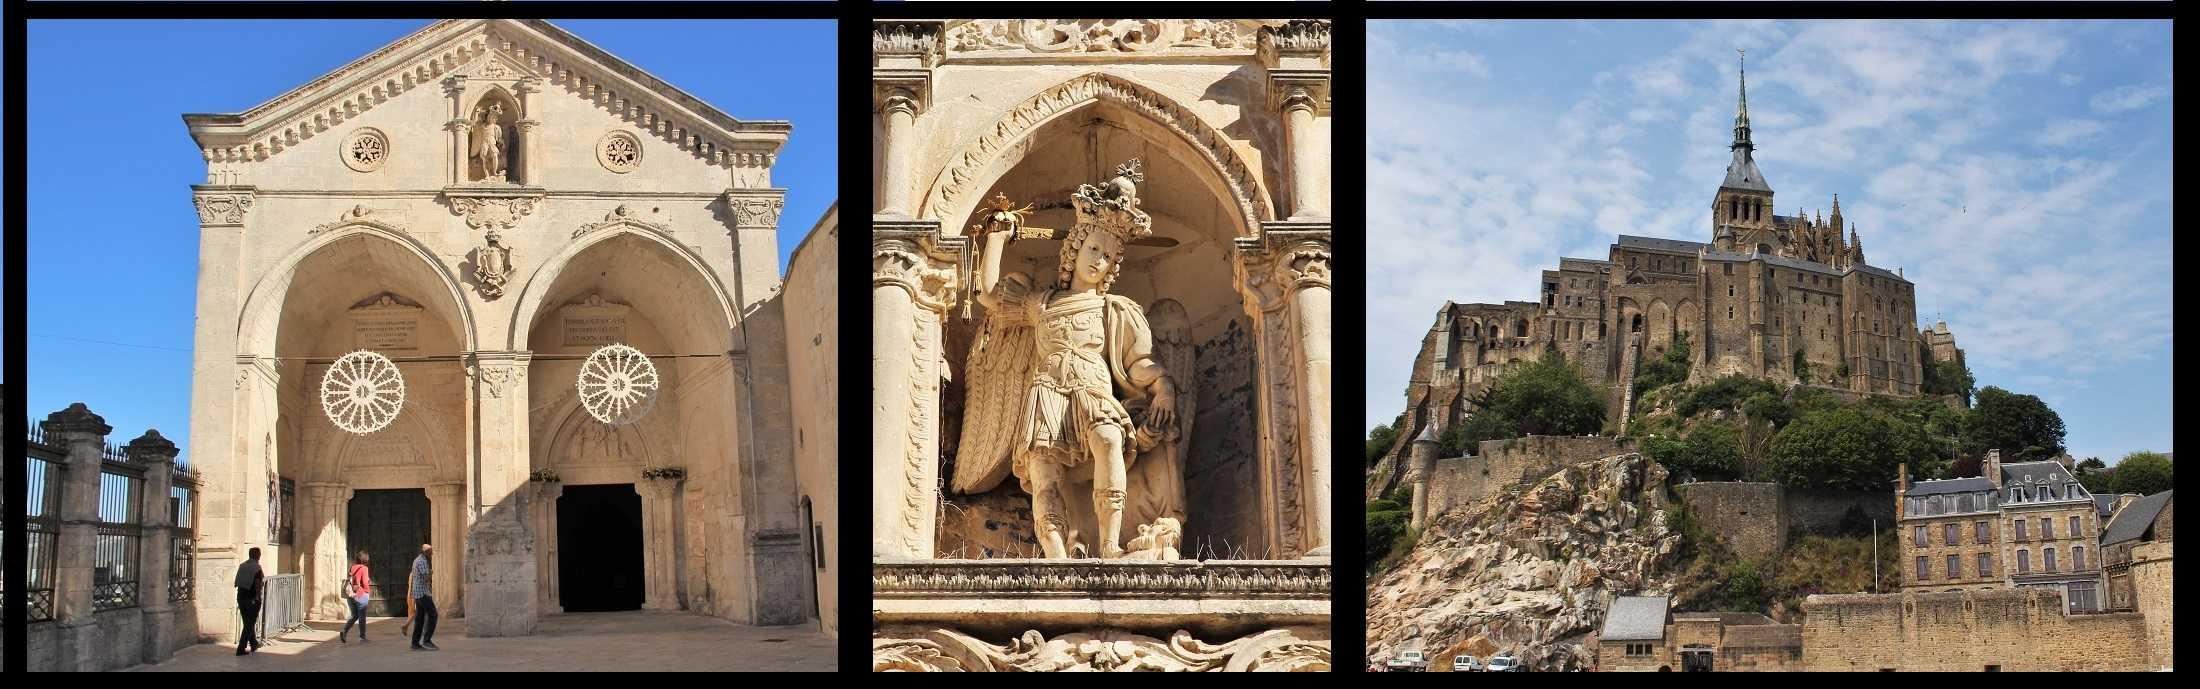 Mont St. Michel und Monte Sant' Angelo: Der Kult des Erzengels Michael